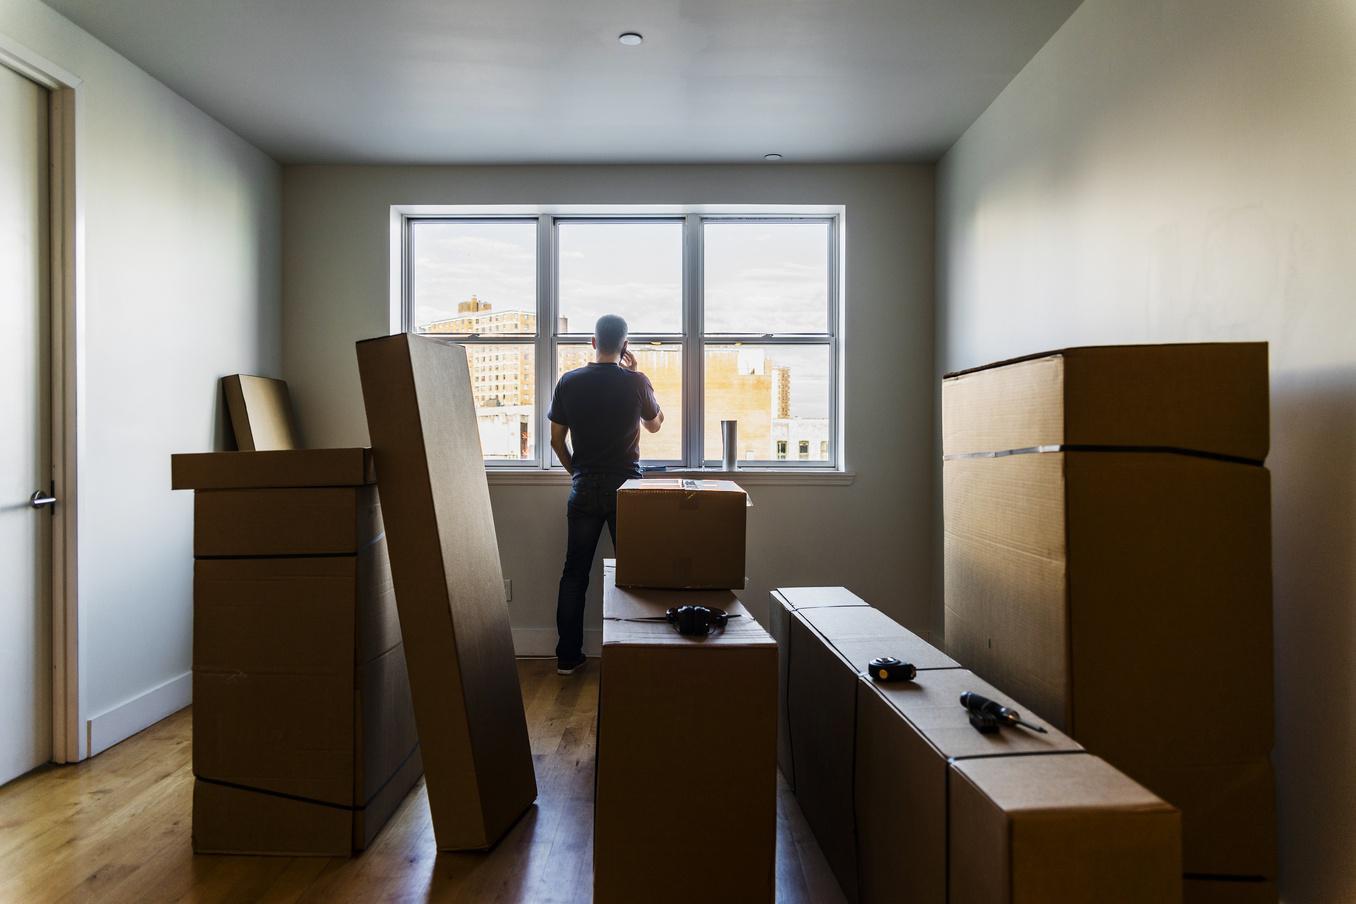 Người trẻ nếu không có sự giúp đỡ của gia đình sẽ khó mua nhà (Nguồn: Forbes)